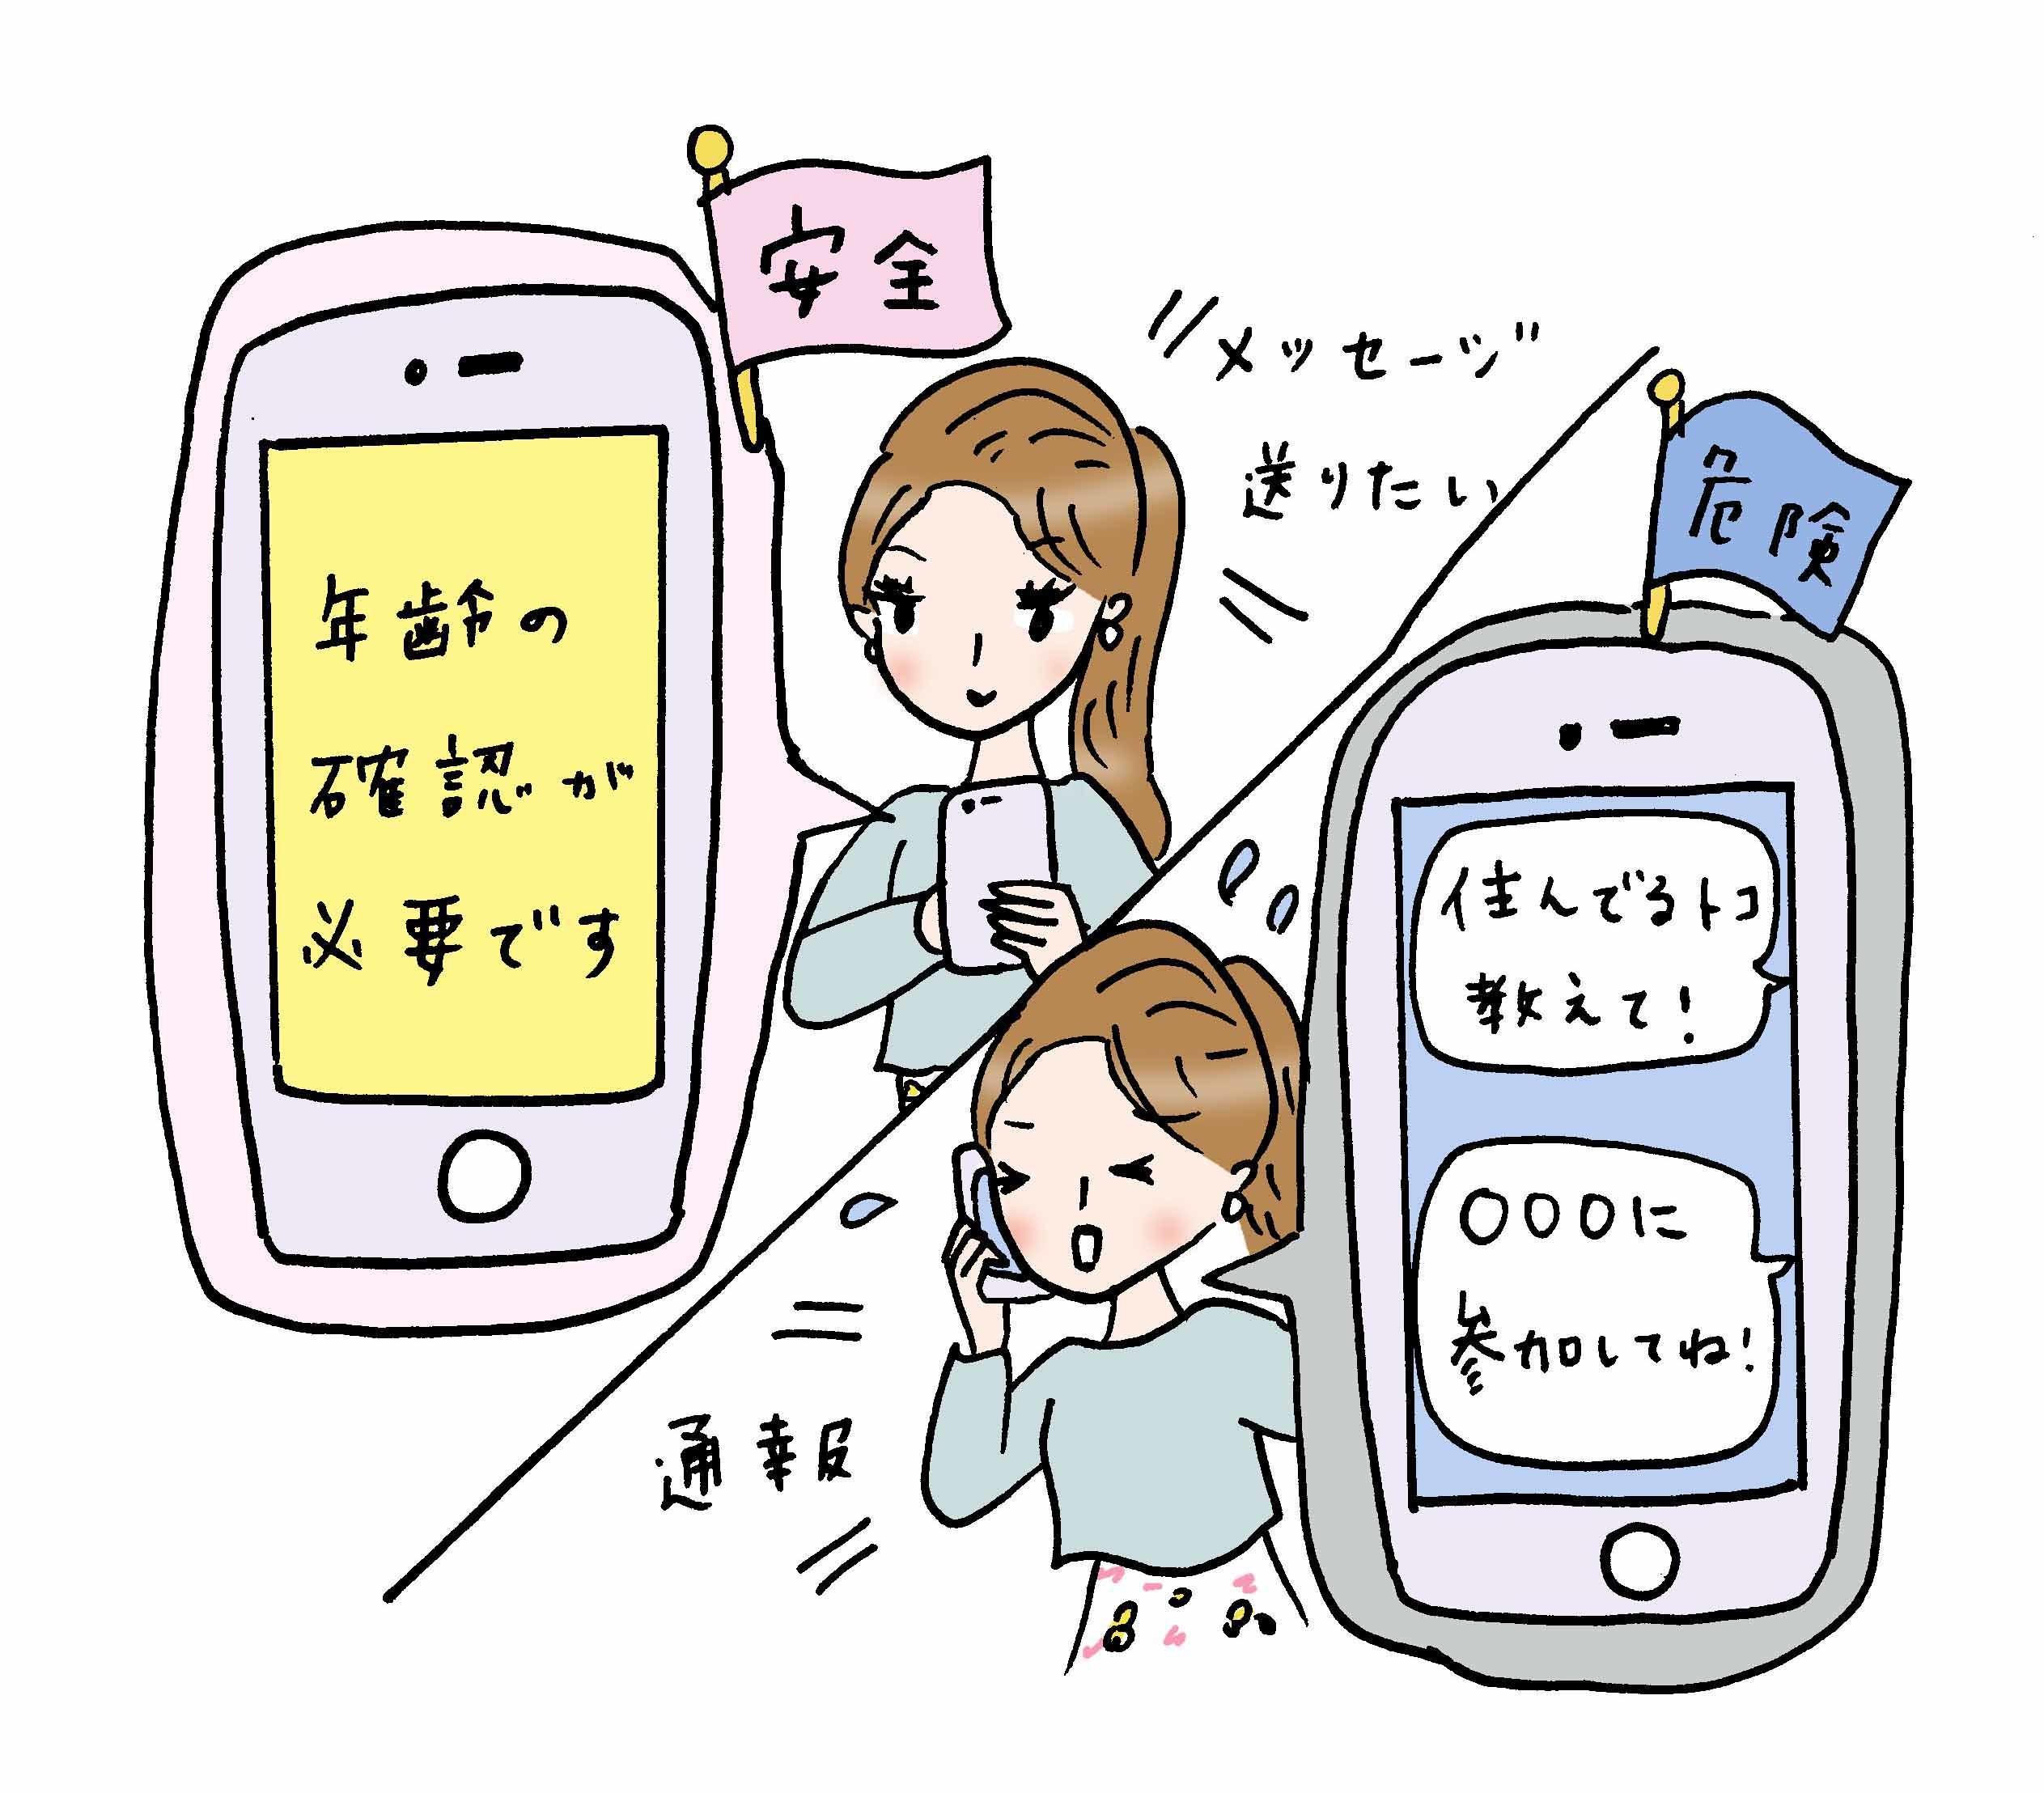 A.5 なりすましなどを防ぐため、メッセージのやり取りは身分証明証を提出して年齢認証を済ませた人にしか許可されない場合がほとんど。けれど、やり取りしていて別のSNSやアプリに誘われたり、勧誘や宣伝される、個人情報を聞き出そうとするといったケースも。メッセージのやりとりに少しでも不安を感じたら、即ブロックや通報を! 相手を本当に信頼できるまでは、本名や住所、電話番号などの個人情報も絶対に伝えないよう気をつけて。